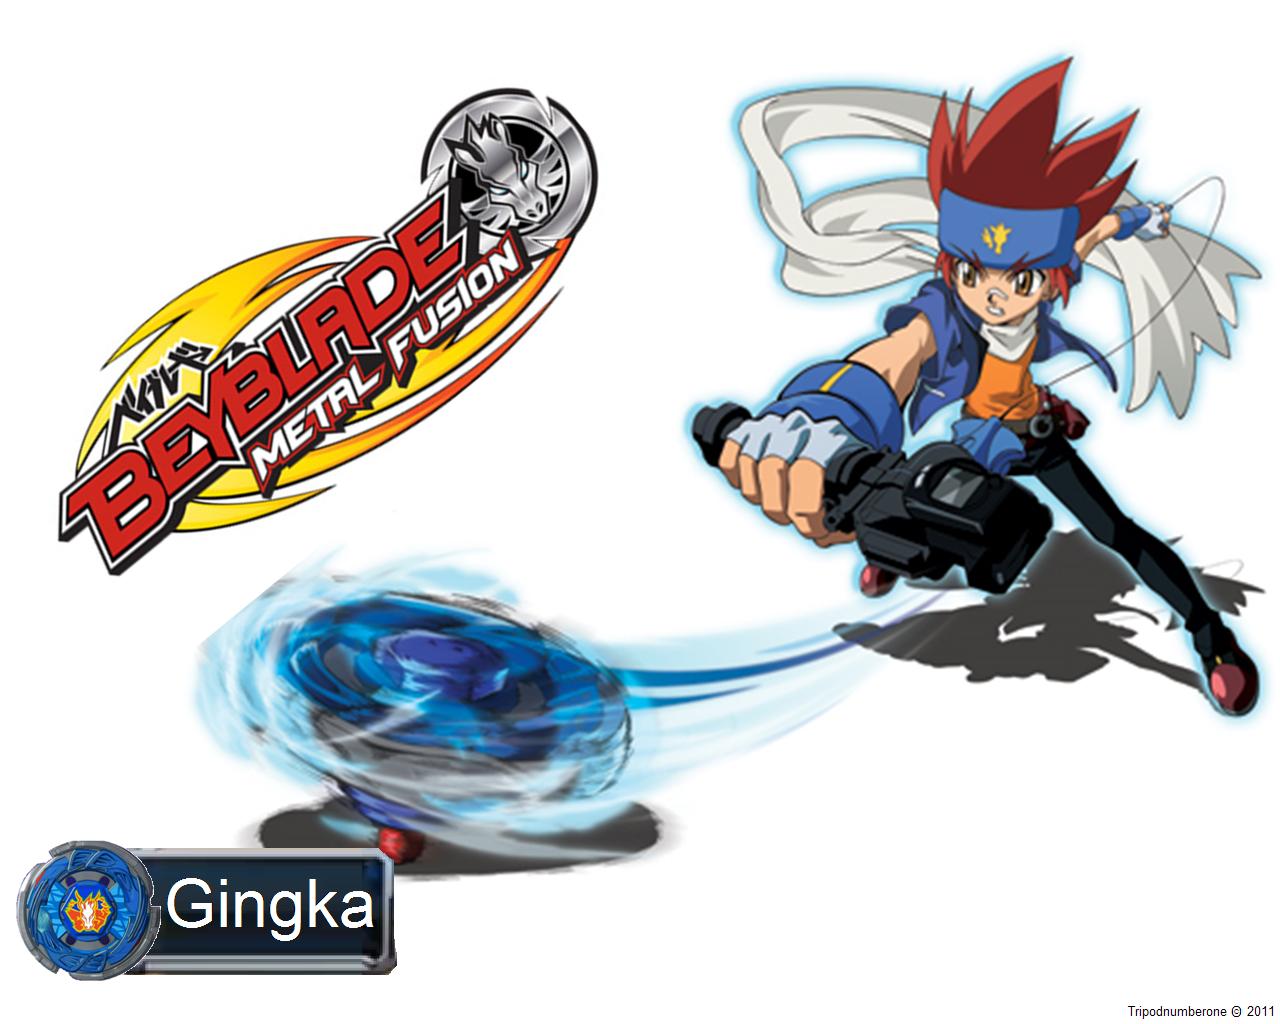 Image gingka wallpaperg beyblade wiki fandom powered by wikia gingka wallpaperg voltagebd Images